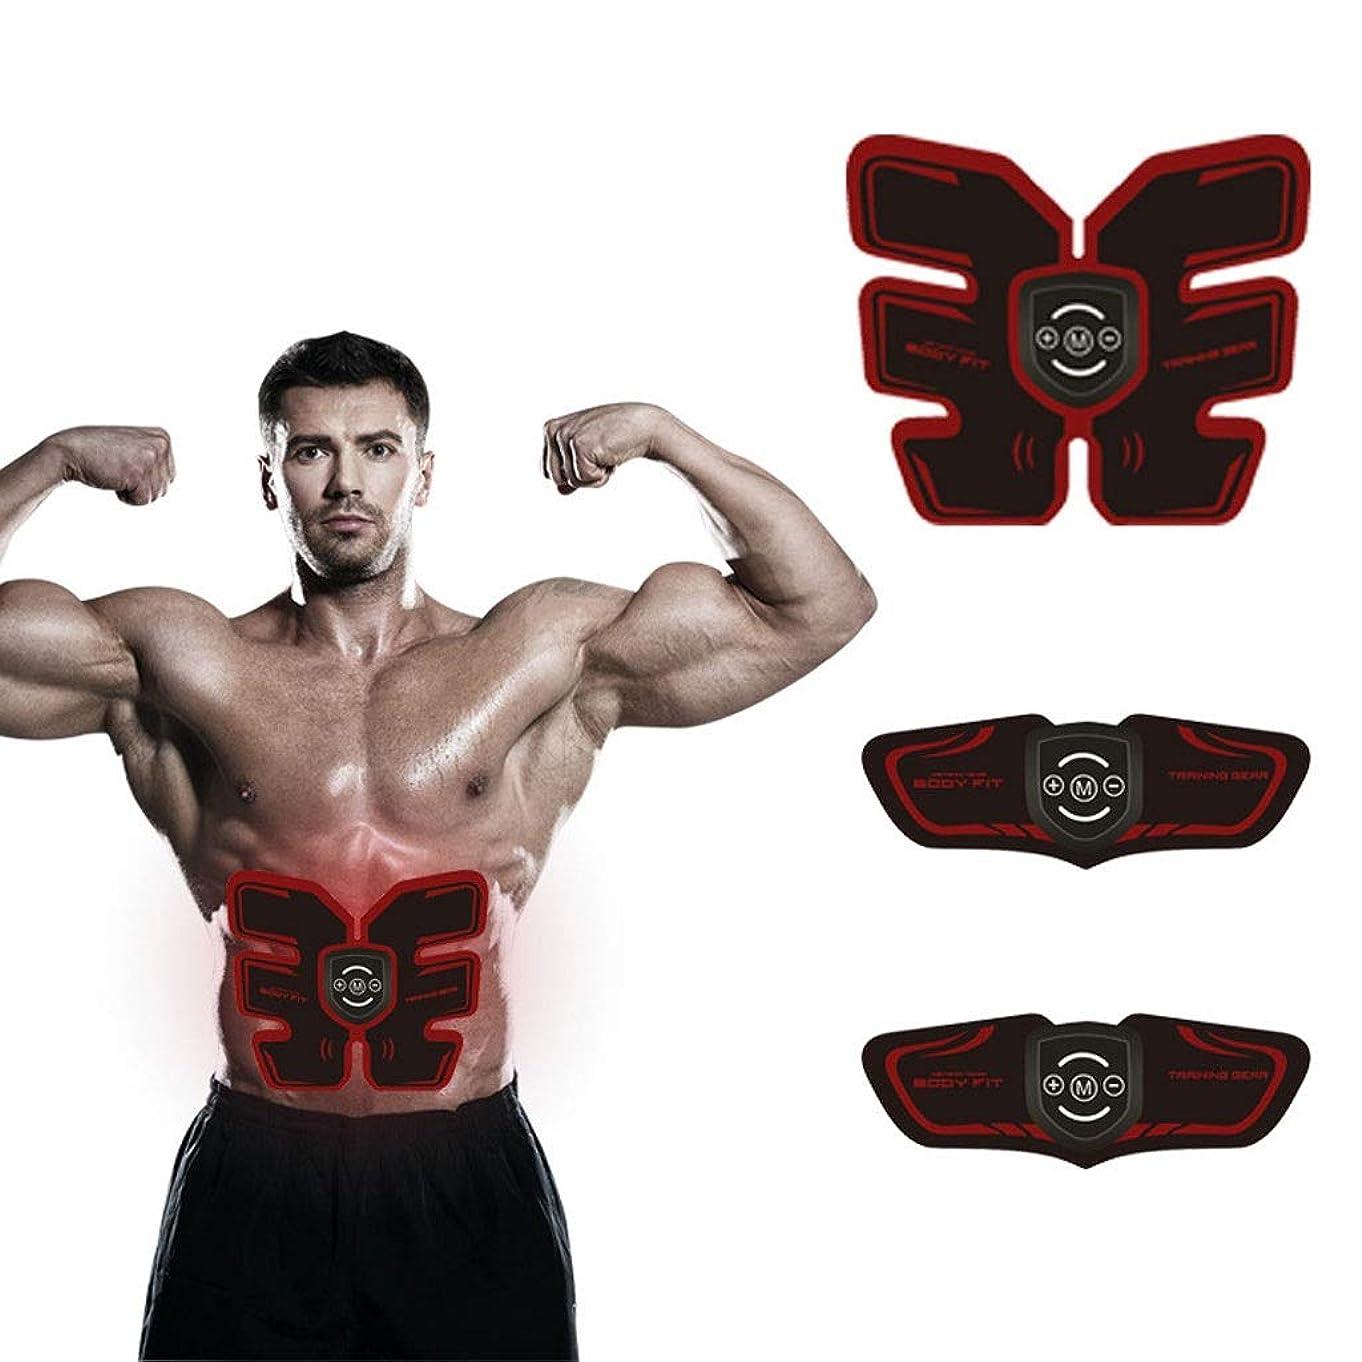 ウエストトリマーAbベルト、マッスルスティミュレーター、EMS Abs Trainer腹部ベルトUSB充電式筋肉Abs Arms脚用Absサポートベルト8モード9男性用?女性用レベル